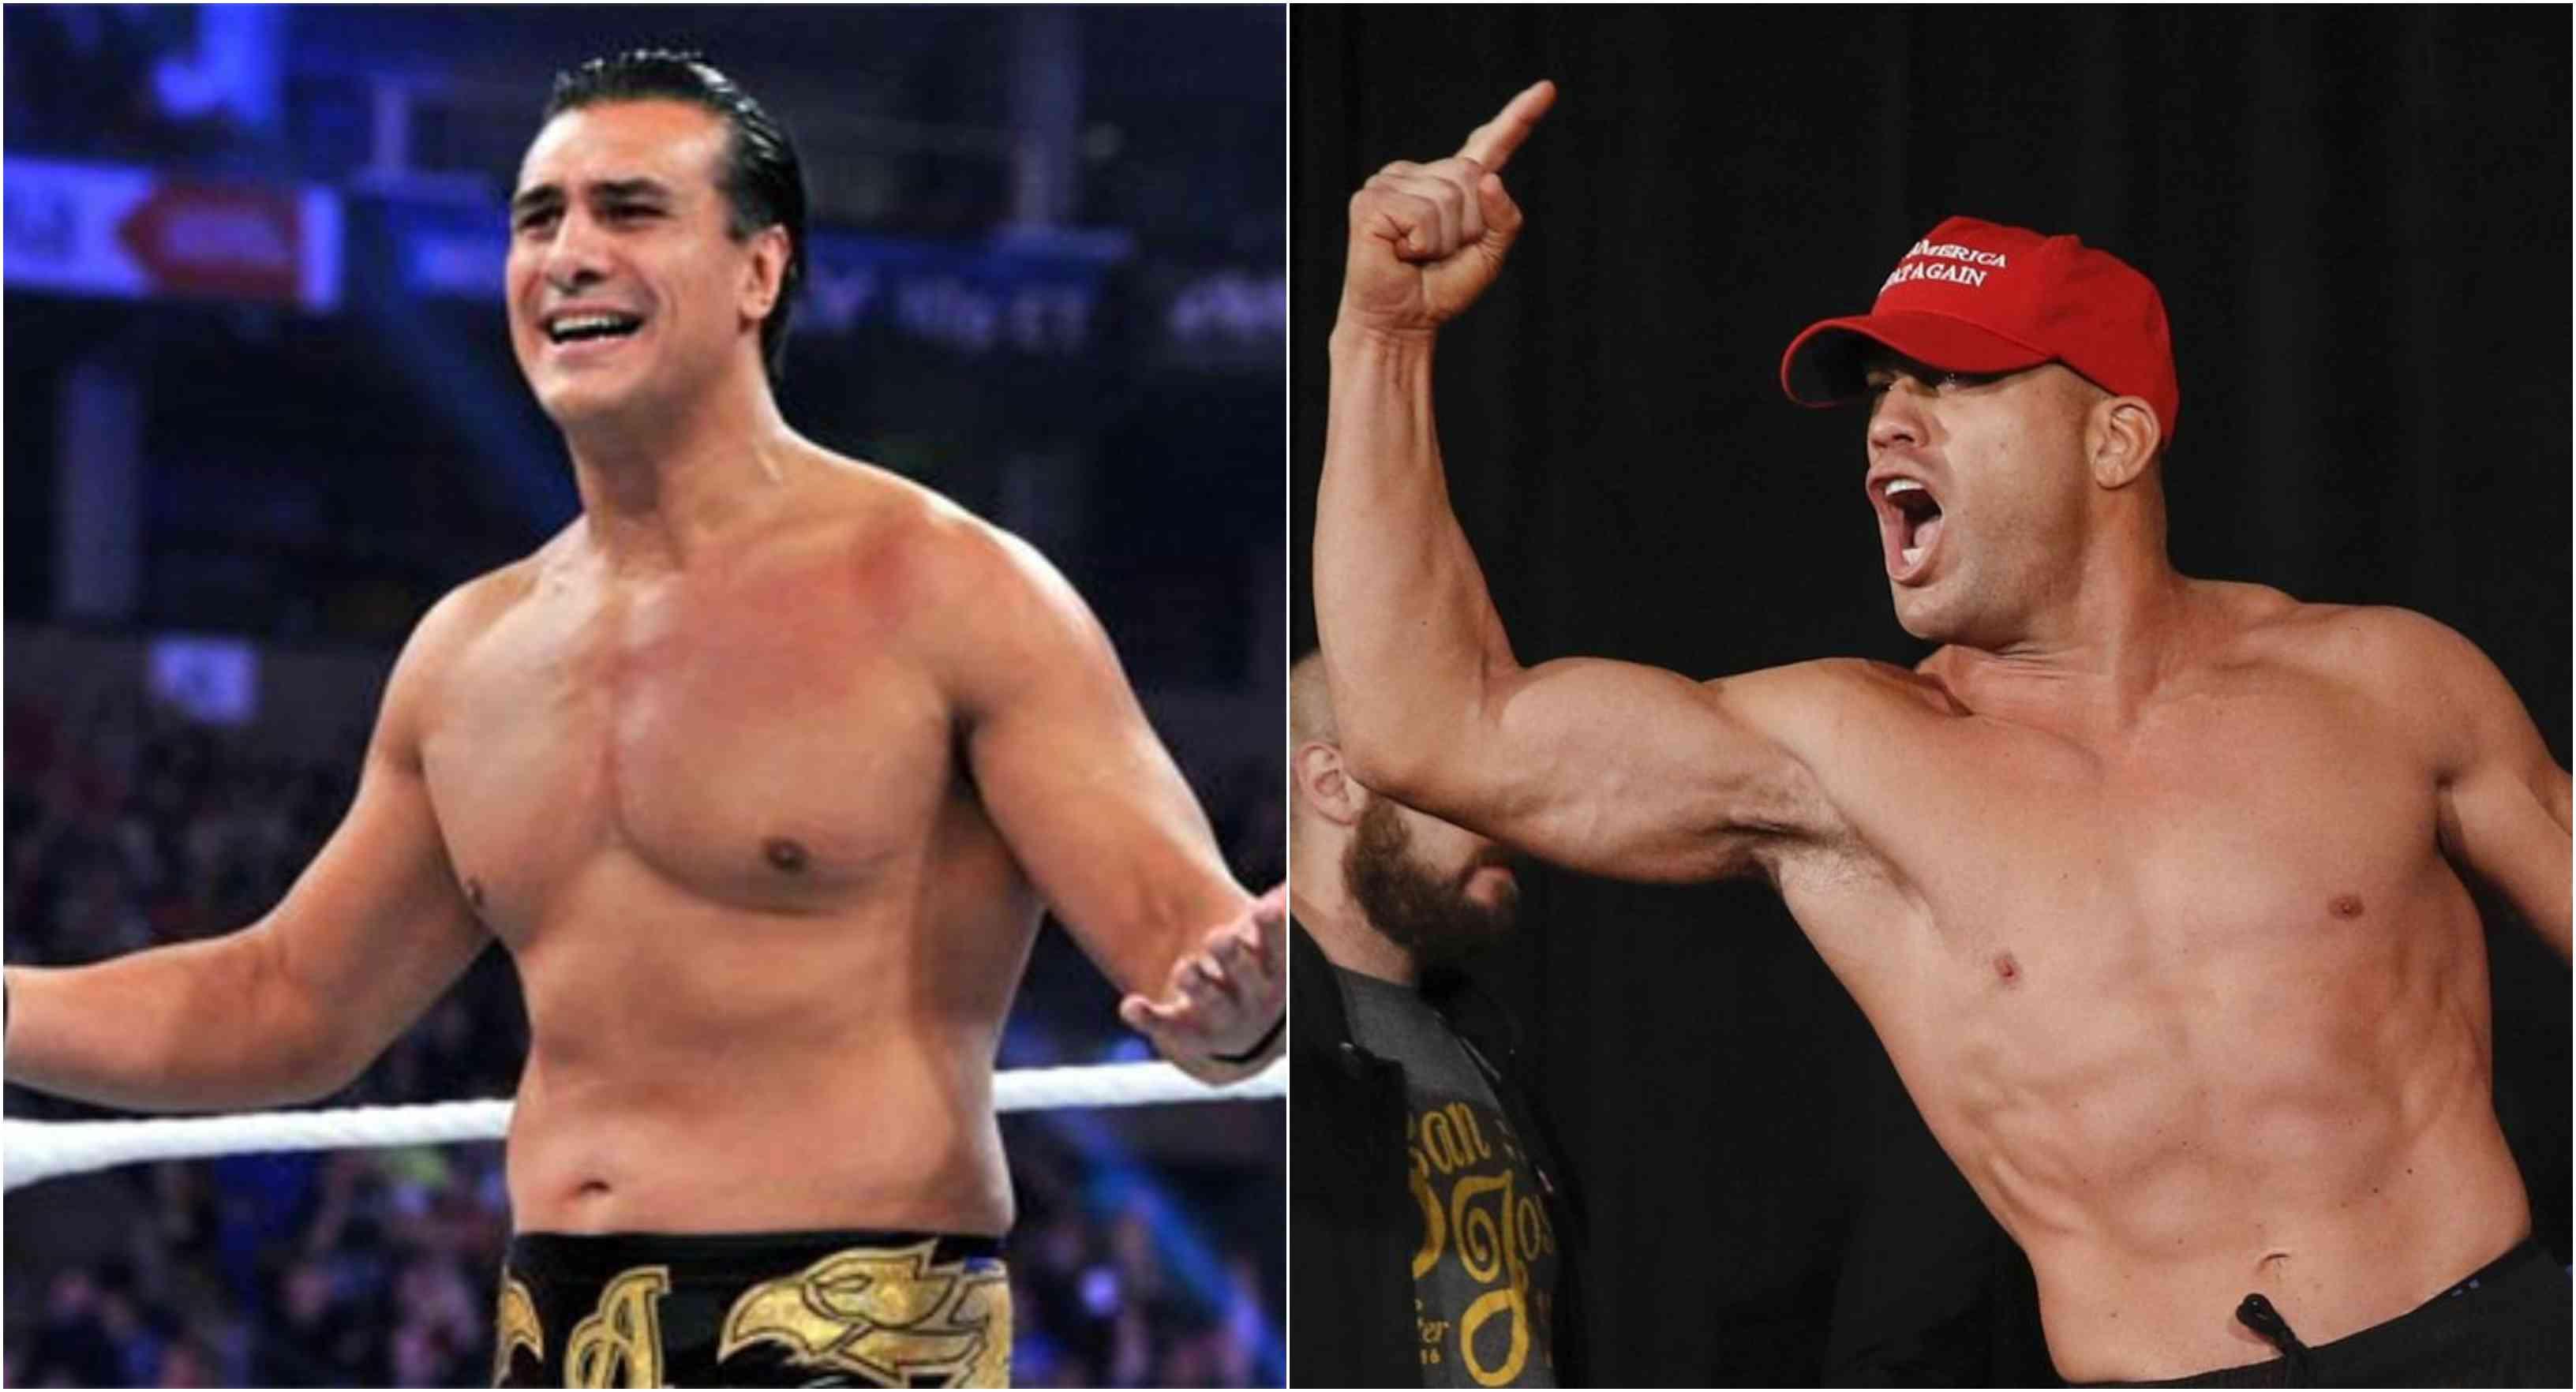 Watch: Tito Ortiz and Alberto Del Rio have a cringeworthy promo-off to build up fight - Tito